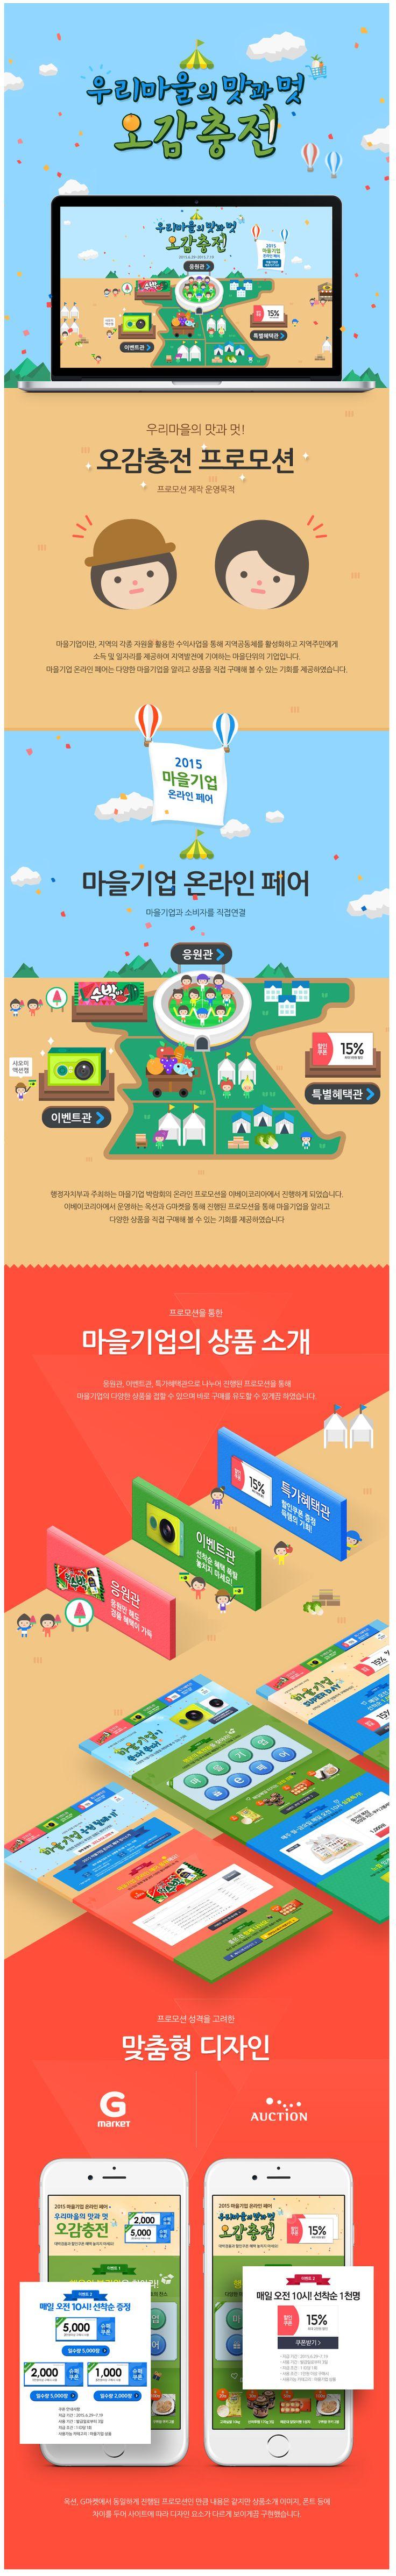 이베이코리아 마을기업 박람회 이벤트 제작